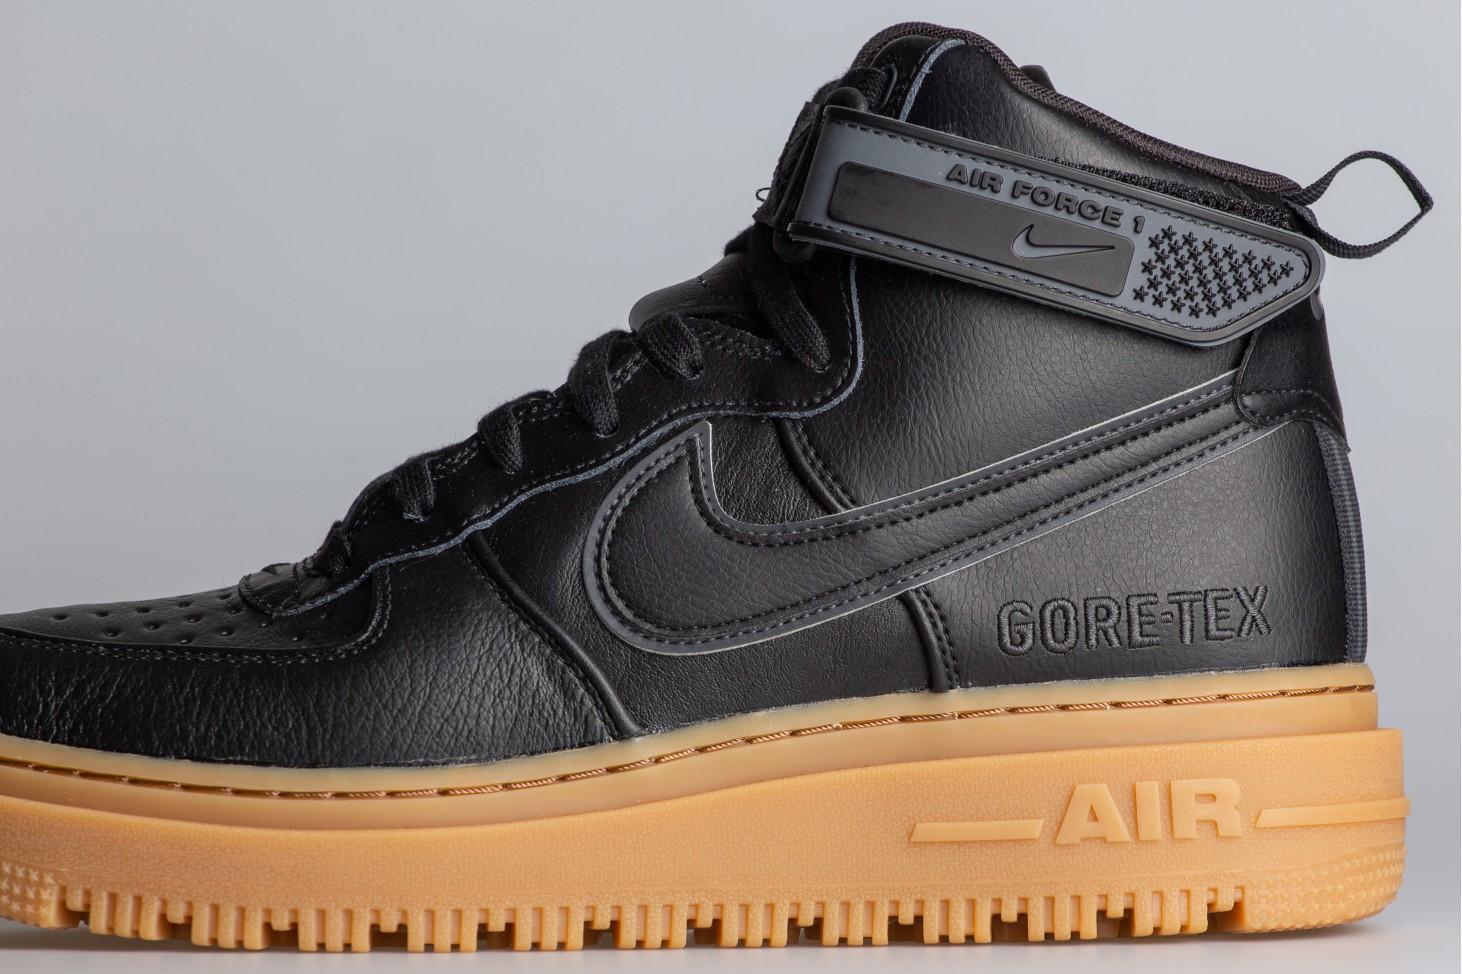 Air Force 1 GTX Boot-7